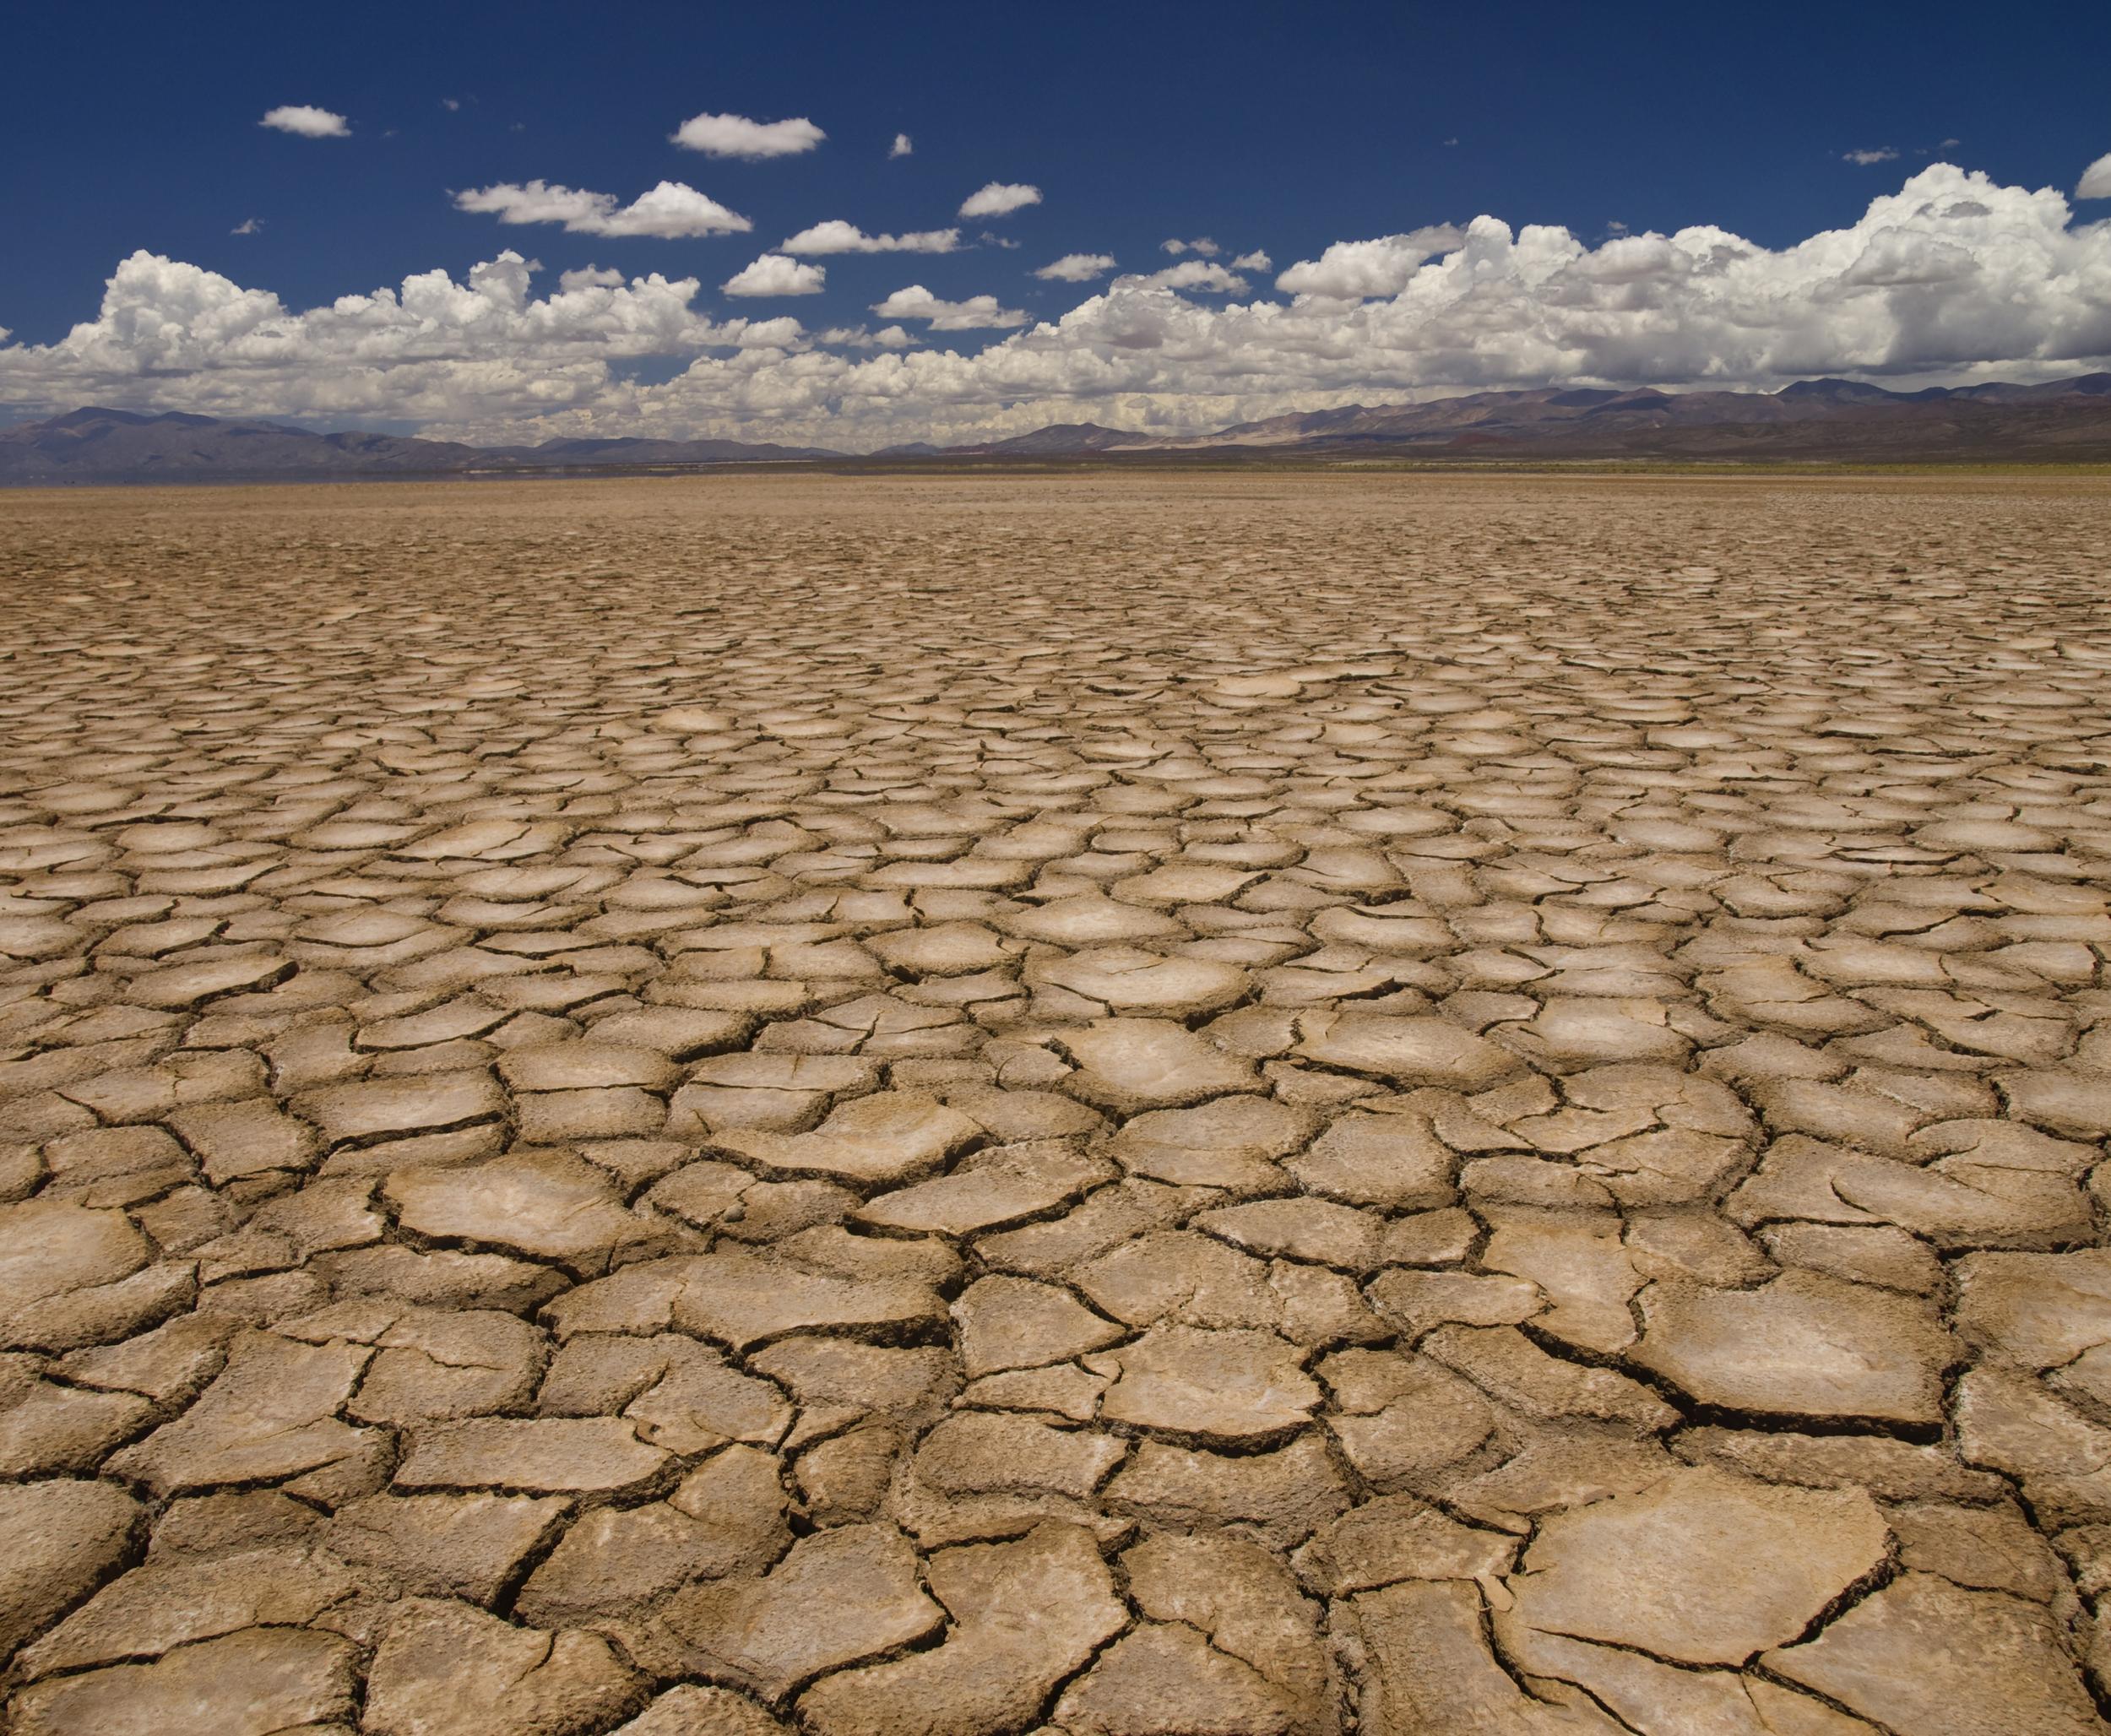 Waterless - dry desert